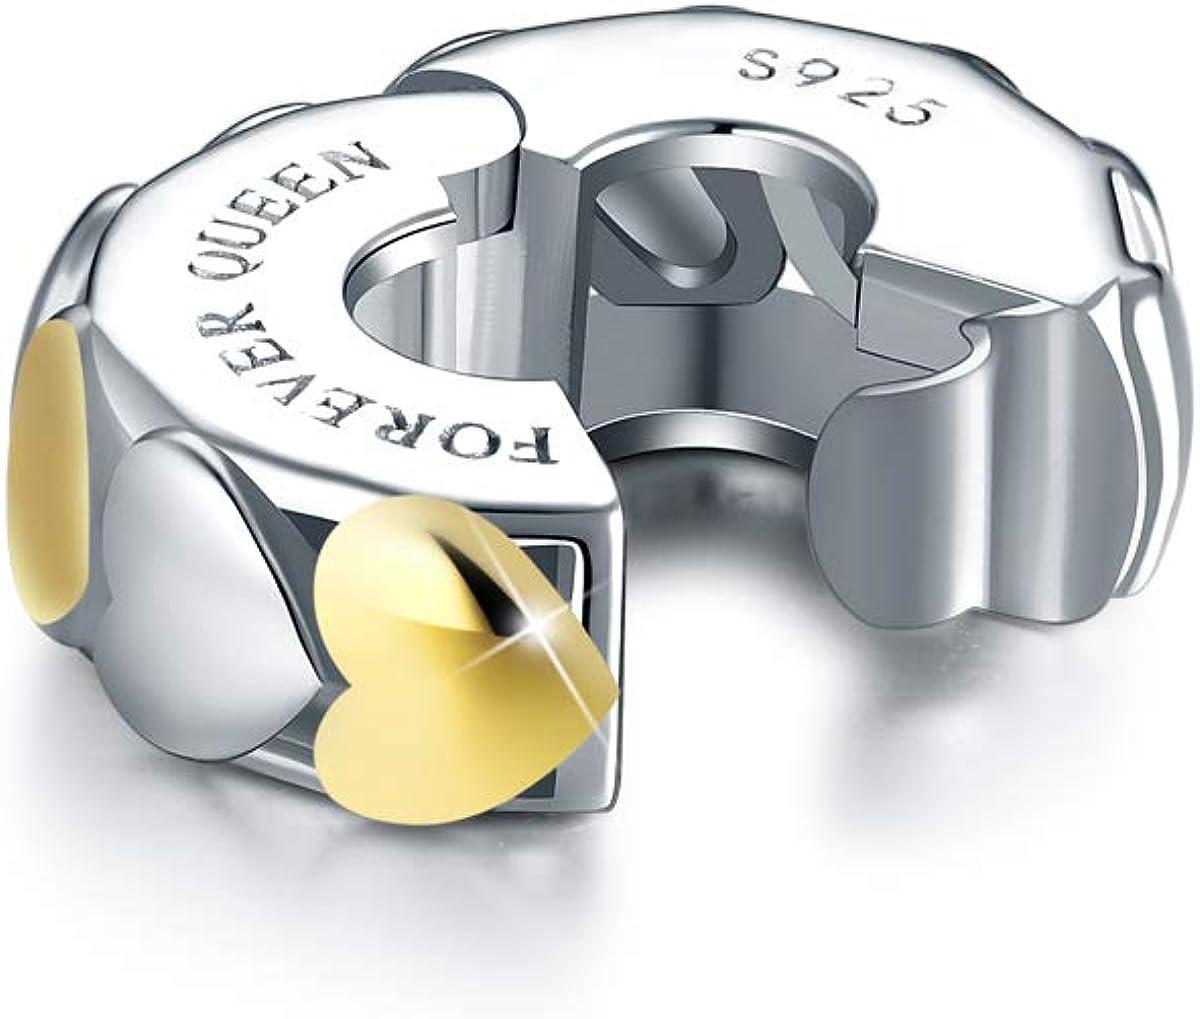 Cl/ásico Clip Stopper Charms Plata de Ley 925 Compatible con Pulsera FOREVER QUEEN Abalorios Charm de Coraz/ón de Espaciador